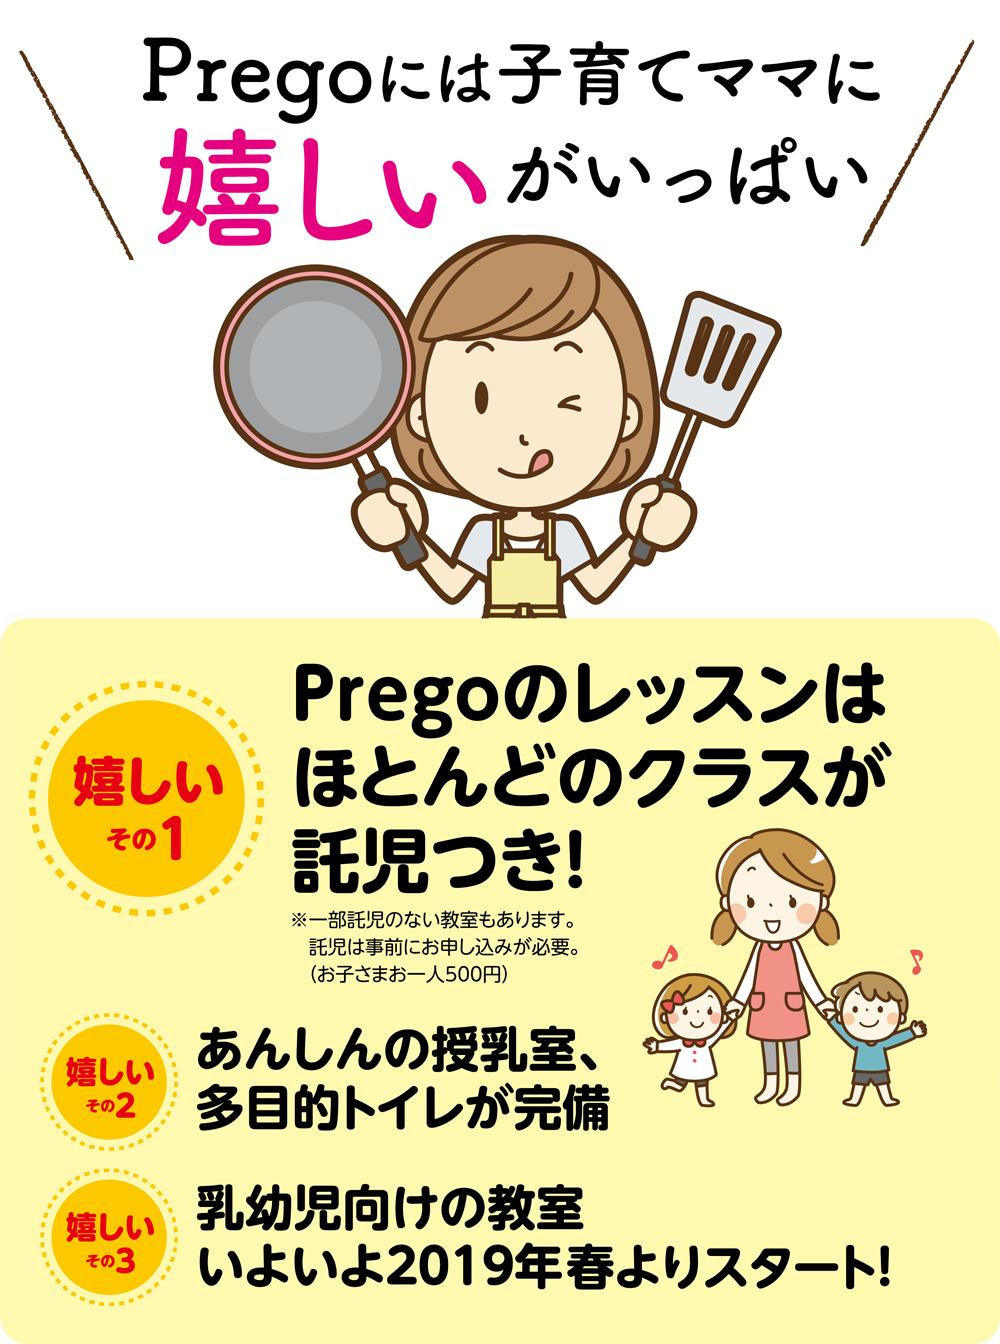 PregoClubには子育てママに 嬉しい がいっぱい